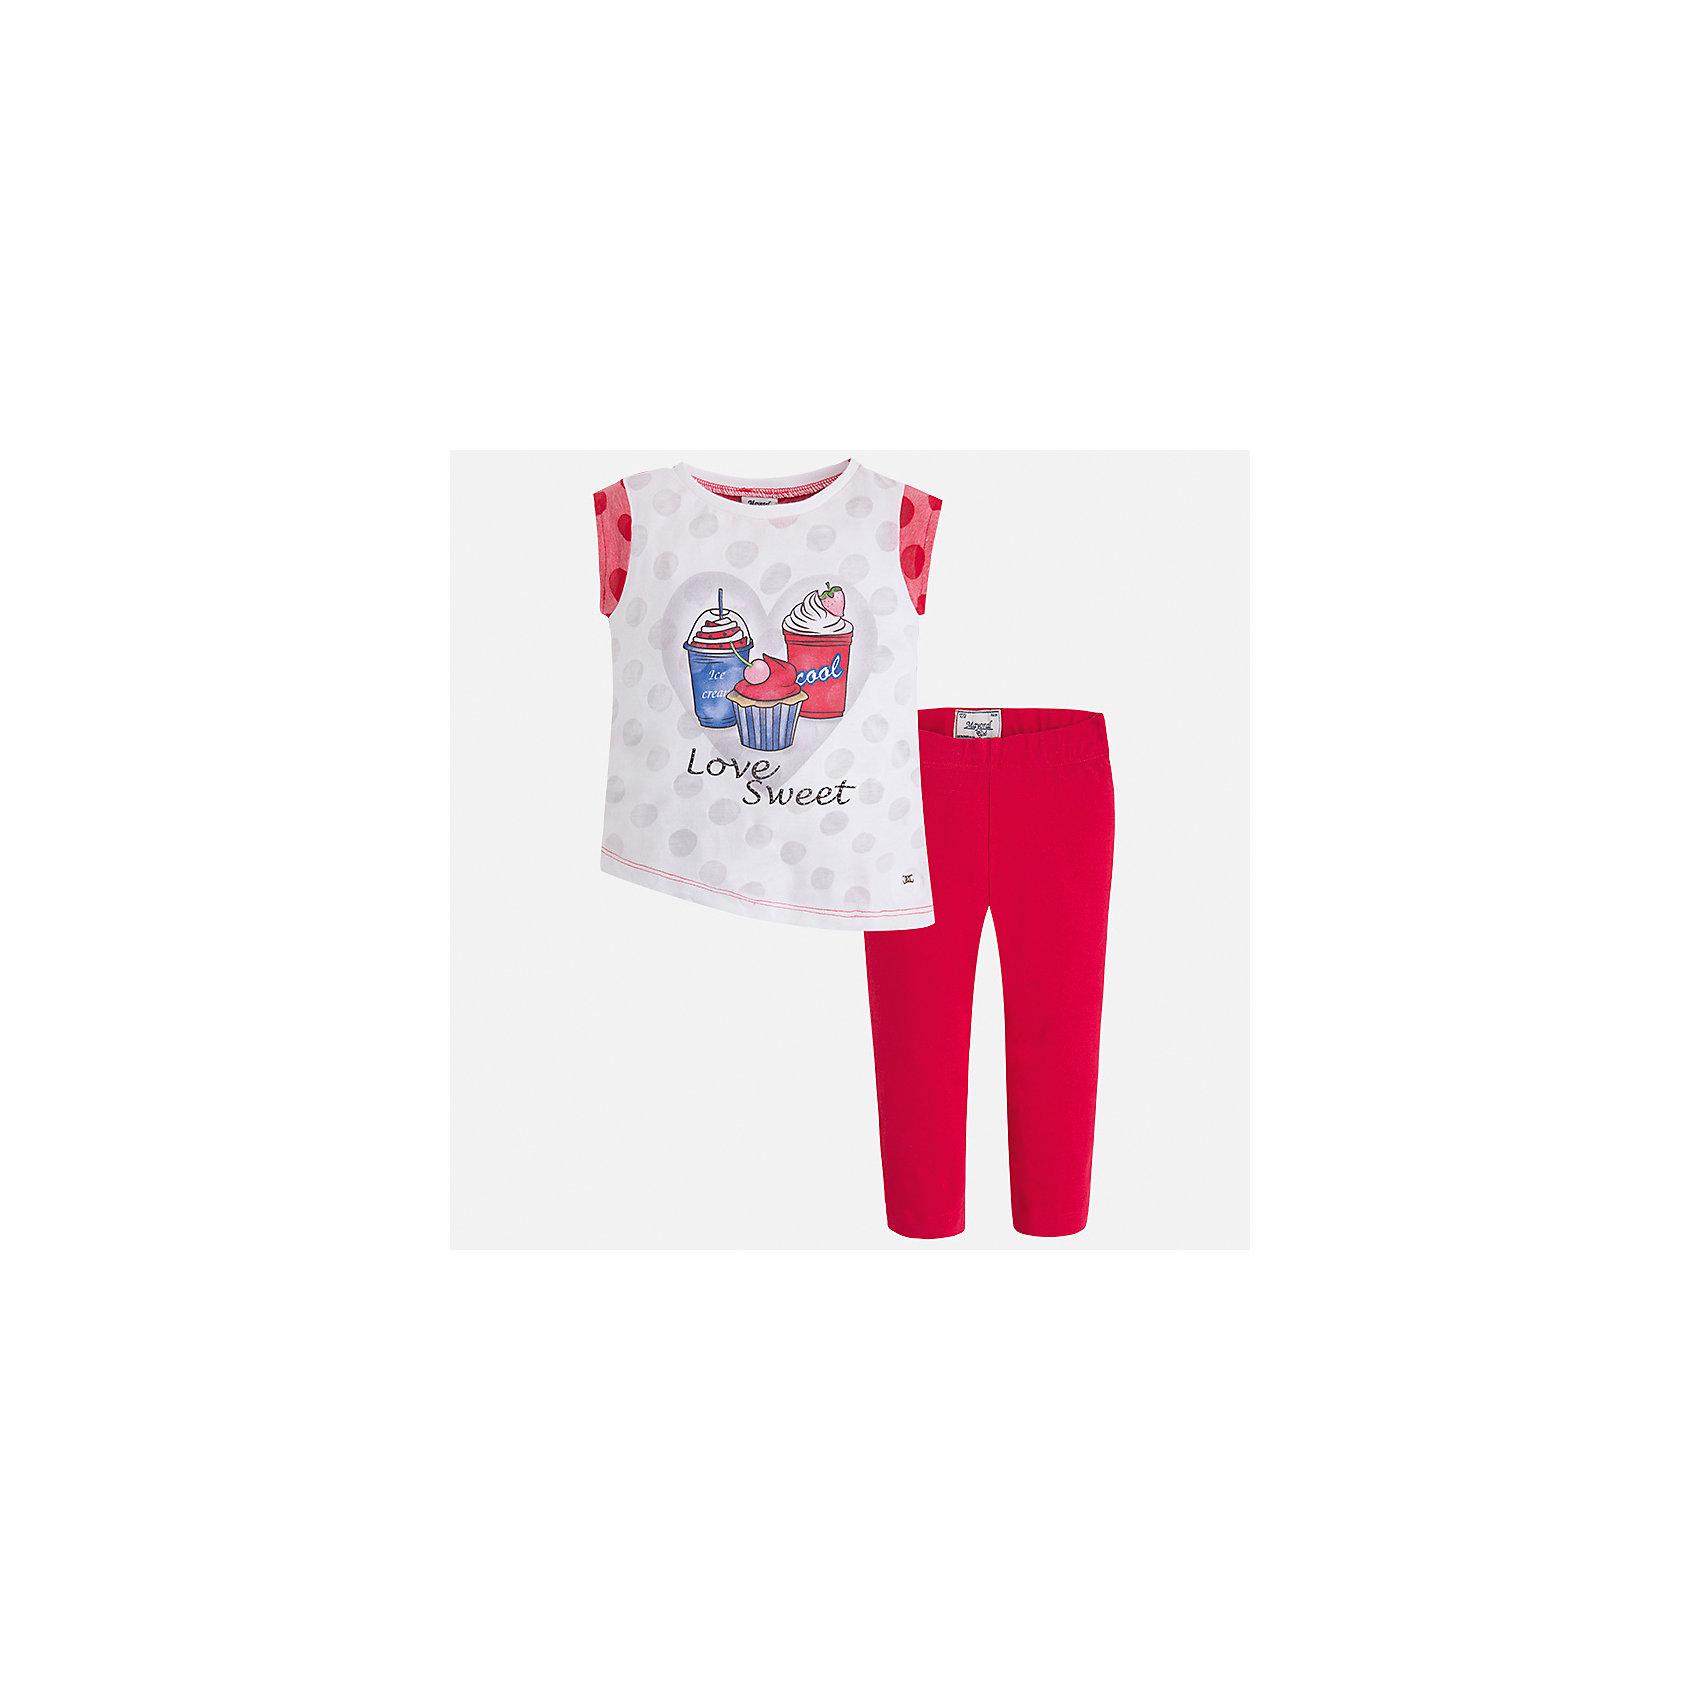 Комплект: футболка с длинным рукавом и бриджи для девочки MayoralКомплекты<br>Характеристики товара:<br><br>• цвет: розовый<br>• состав: 55% хлопок, 45% полиэстер<br>• комплектация: футболка, бриджи<br>• футболка декорирована принтом<br>• бриджи в клетку<br>• пояс на резинке<br>• страна бренда: Испания<br><br>Красивый качественный комплект для девочки поможет разнообразить гардероб ребенка и удобно одеться в теплую погоду. Он отлично сочетается с другими предметами. Универсальный цвет позволяет подобрать к вещам верхнюю одежду практически любой расцветки. Интересная отделка модели делает её нарядной и оригинальной. В составе материала - натуральный хлопок, гипоаллергенный, приятный на ощупь, дышащий.<br><br>Одежда, обувь и аксессуары от испанского бренда Mayoral полюбились детям и взрослым по всему миру. Модели этой марки - стильные и удобные. Для их производства используются только безопасные, качественные материалы и фурнитура. Порадуйте ребенка модными и красивыми вещами от Mayoral! <br><br>Комплект для девочки от испанского бренда Mayoral (Майорал) можно купить в нашем интернет-магазине.<br><br>Ширина мм: 191<br>Глубина мм: 10<br>Высота мм: 175<br>Вес г: 273<br>Цвет: красный<br>Возраст от месяцев: 18<br>Возраст до месяцев: 24<br>Пол: Женский<br>Возраст: Детский<br>Размер: 92,134,128,122,116,110,104,98<br>SKU: 5290407